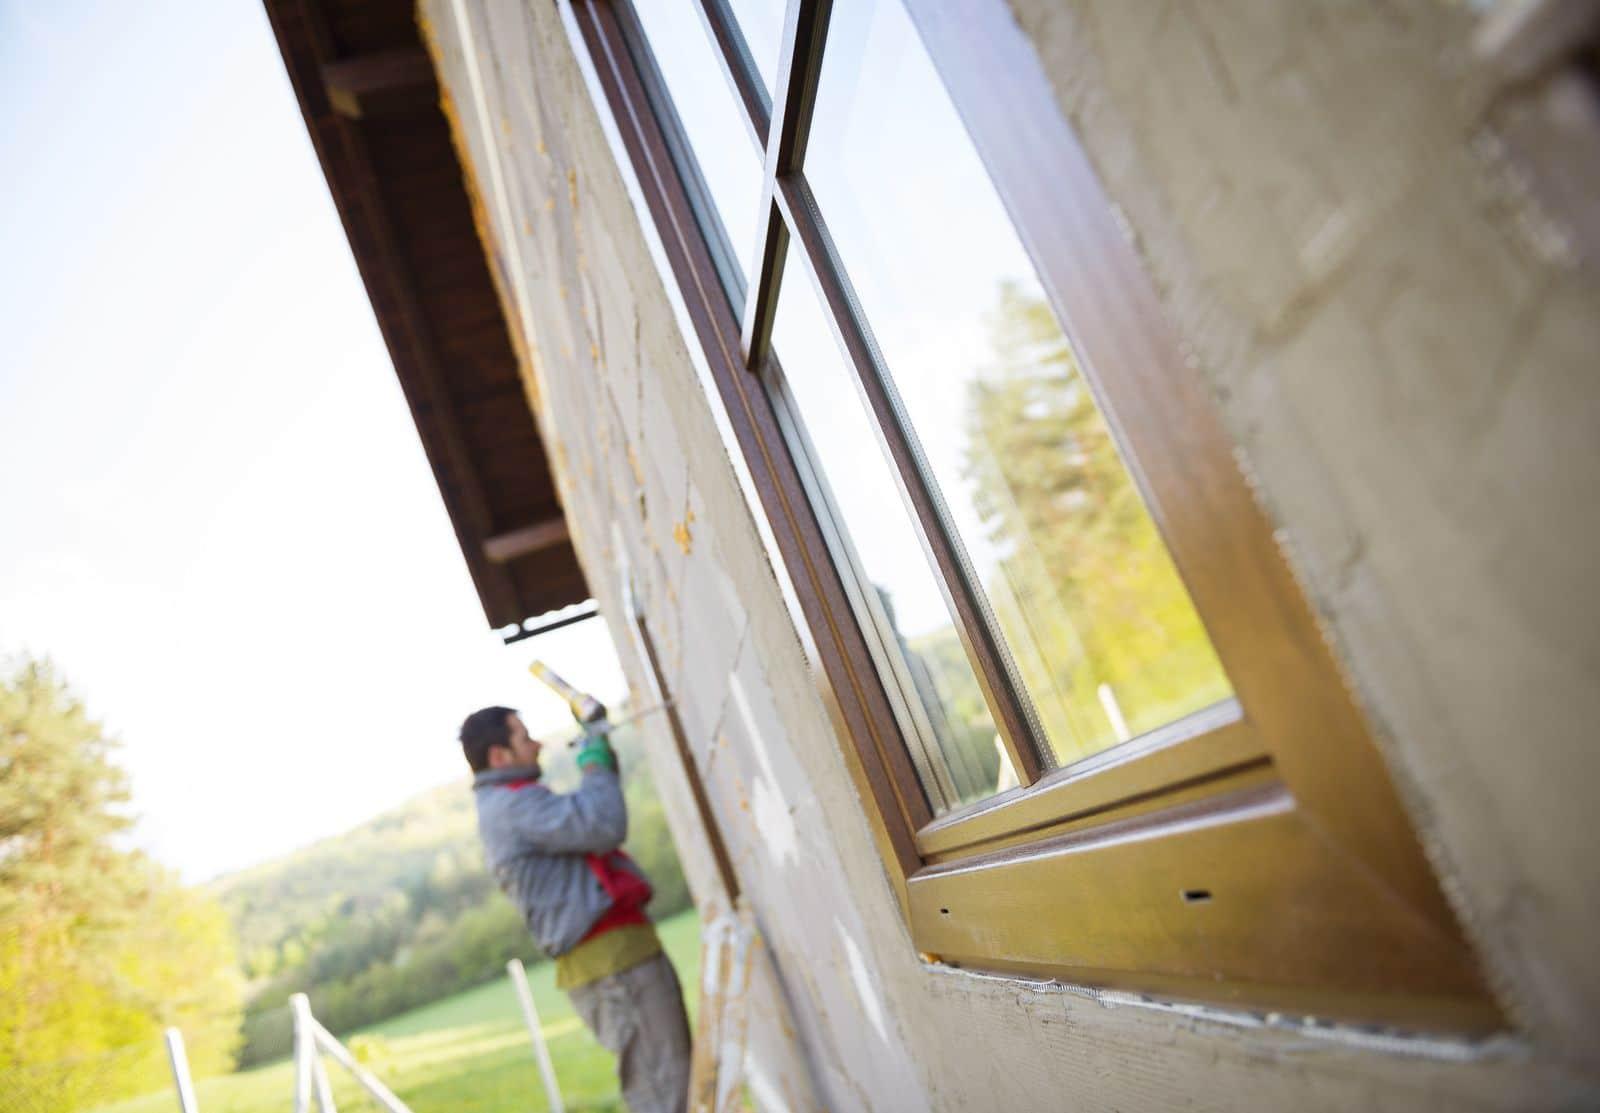 Calfeutrer Portes Et Fenêtres Pour économiser Le Chauffage